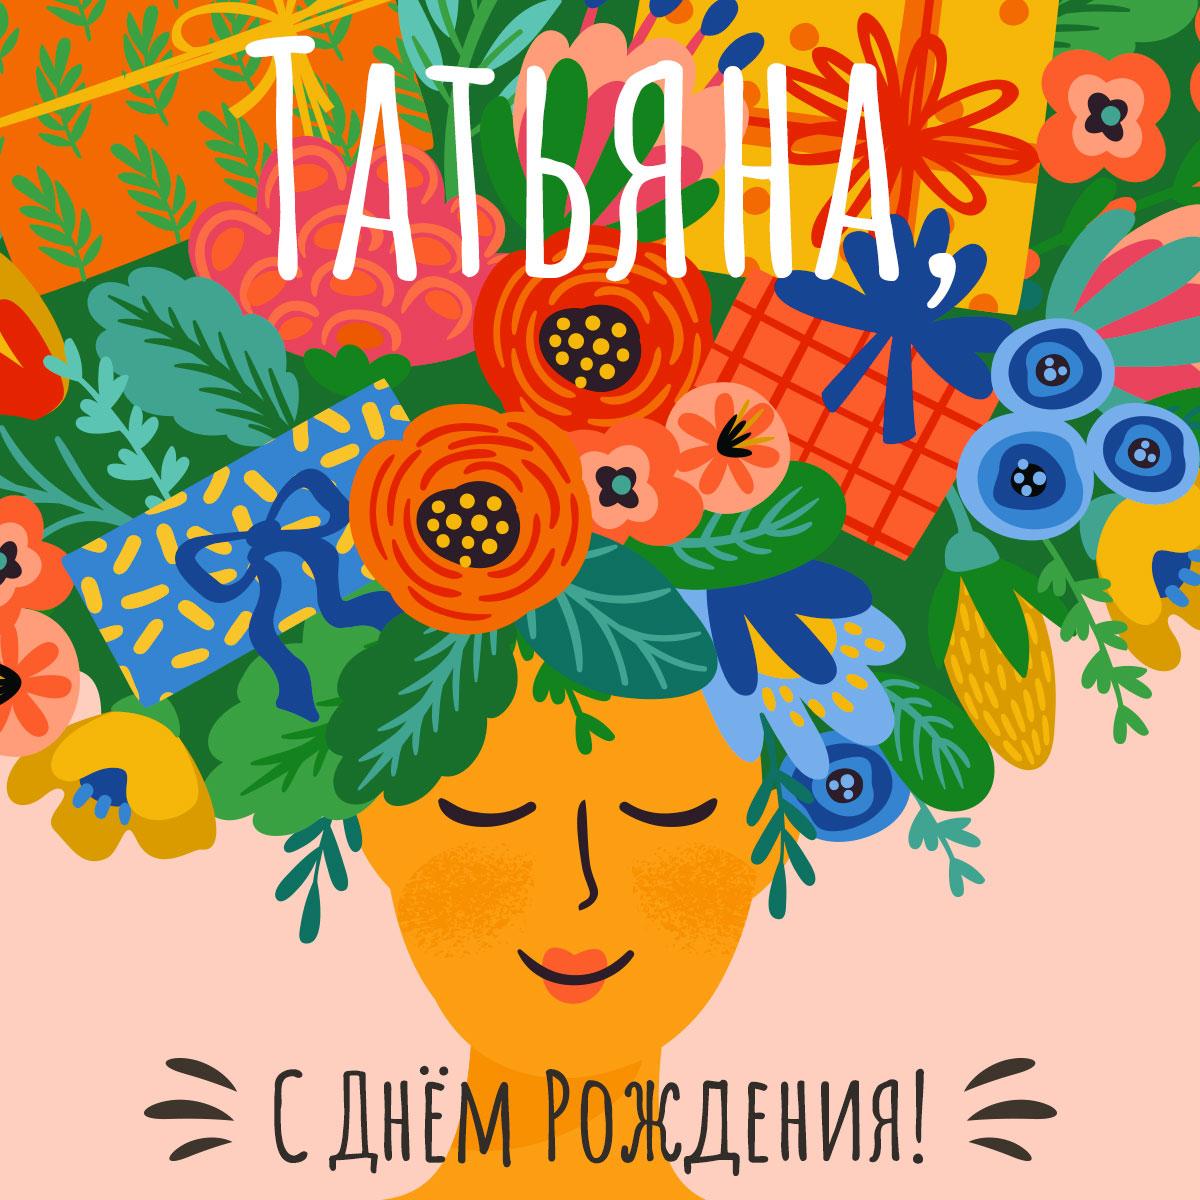 Картинка с растениями и цветами вместо волос на голове женщины.